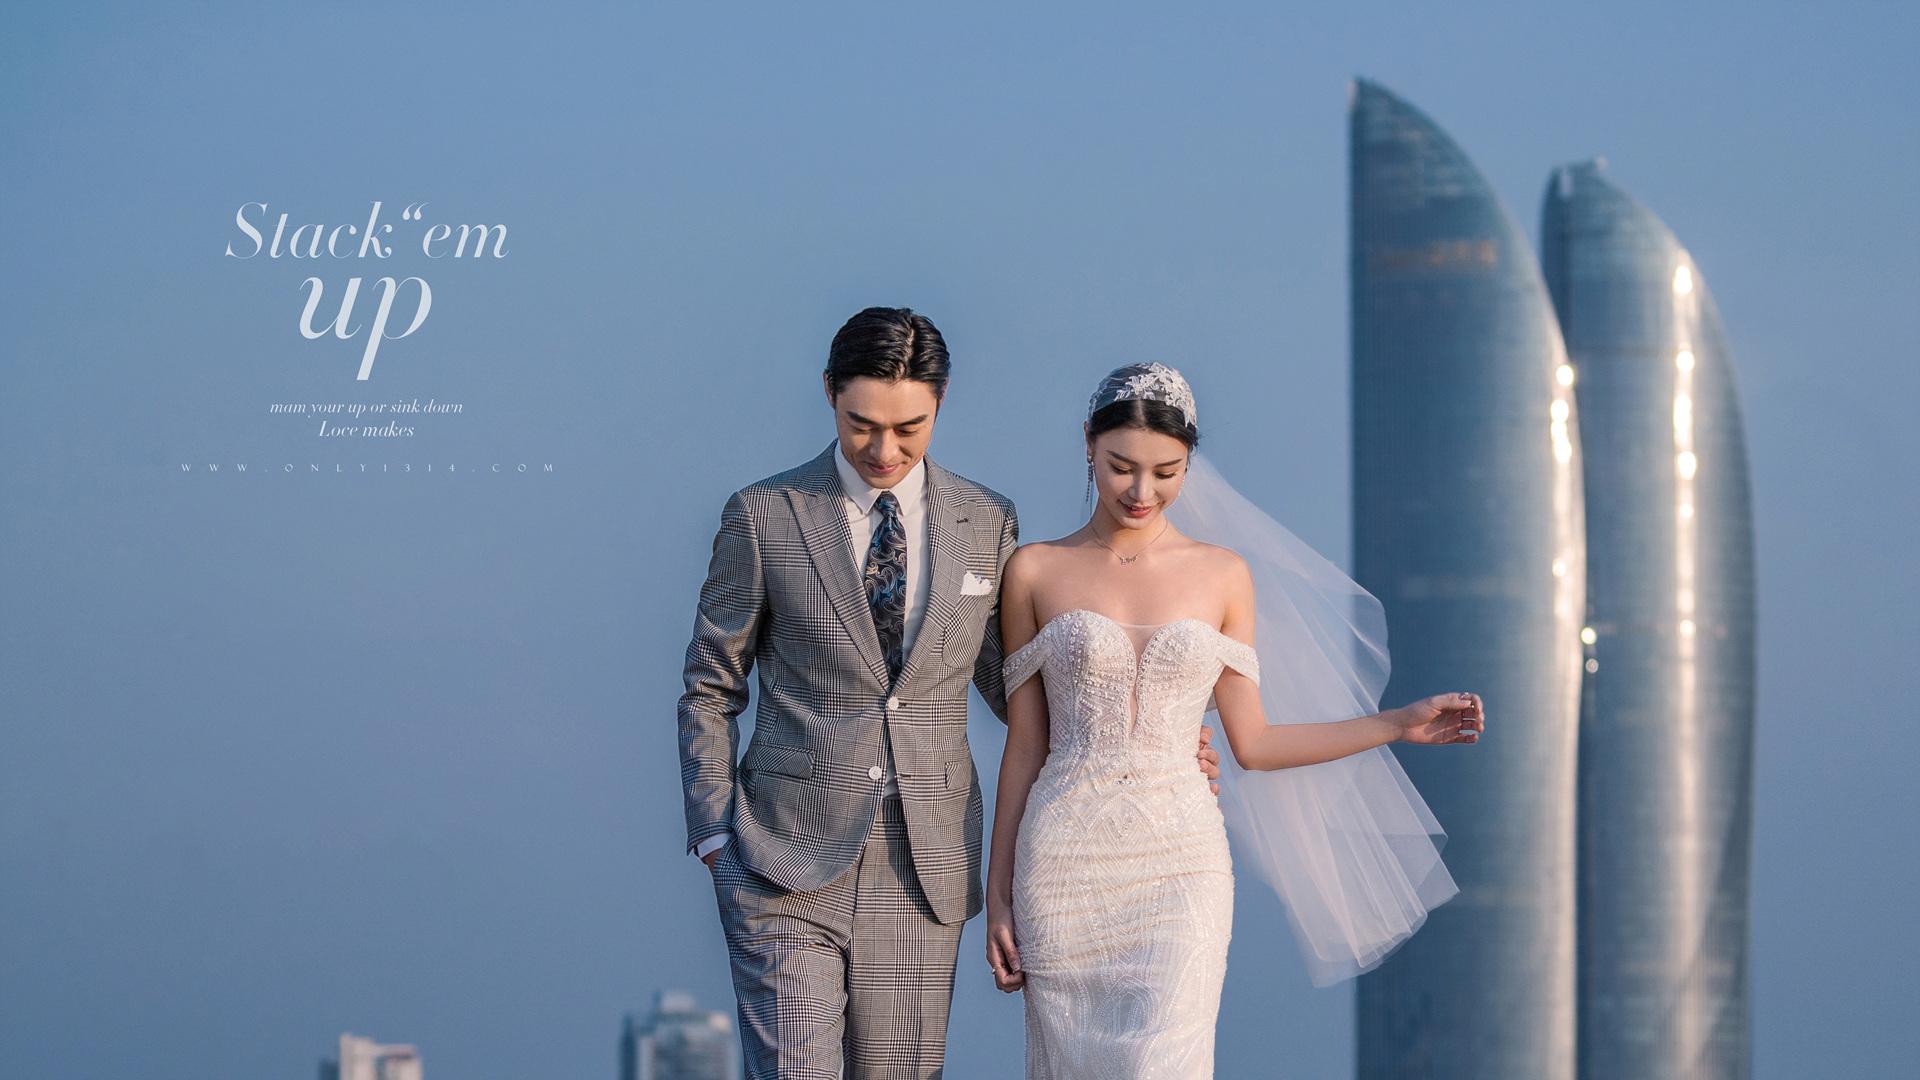 拍婚纱照表情不会做怎么办 厦门婚纱照拍摄建议 怎样做造型才好看